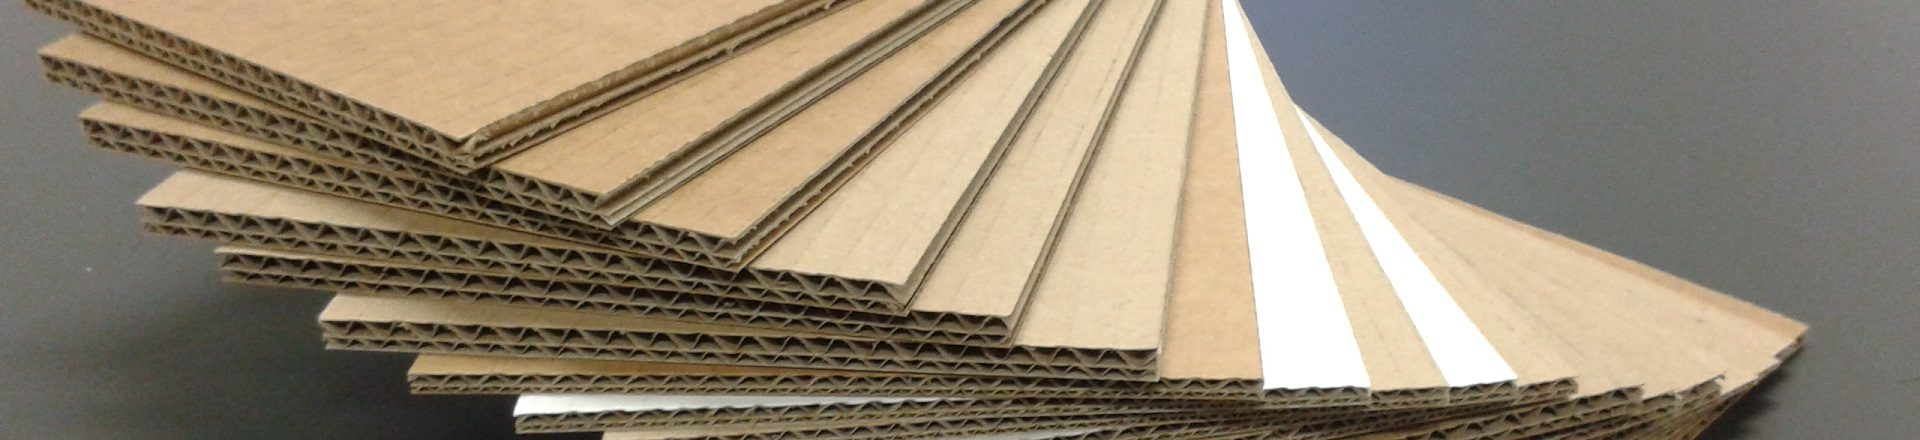 HALDY - PLUS, spol. s r.o. - výroba obalových materiálov z vlnitej lepenky